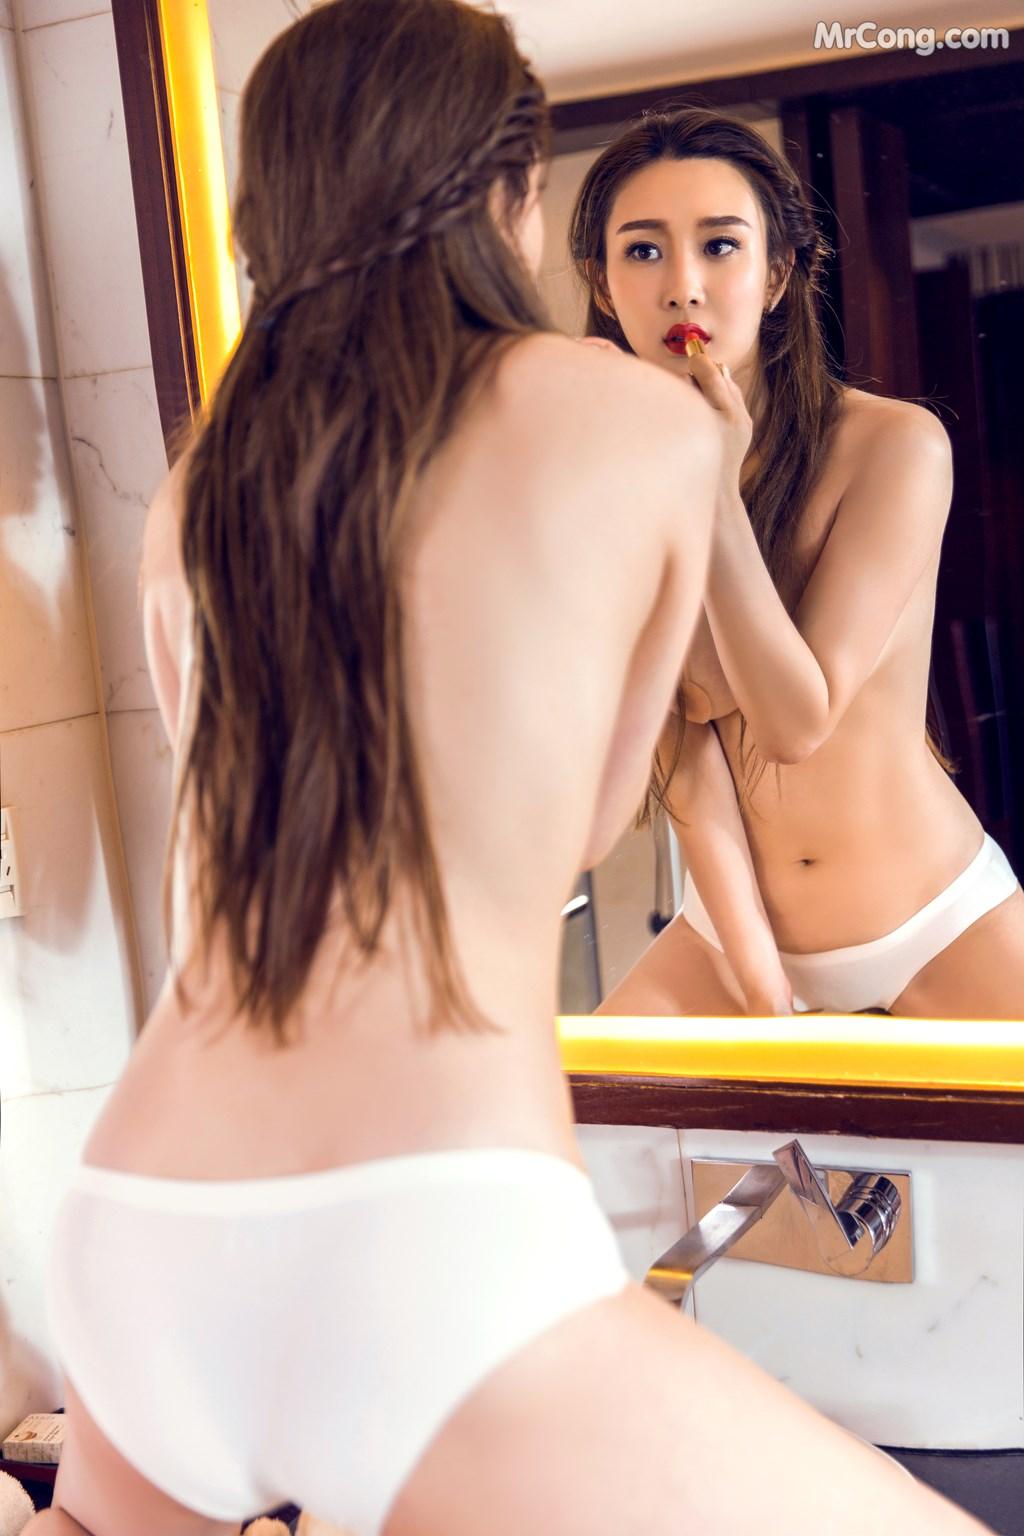 Image TouTiao-2017-09-16-Shen-Mei-Yan-MrCong.com-012 in post TouTiao 2017-09-16: Người mẫu Shen Mei Yan (申美嫣) (34 ảnh)